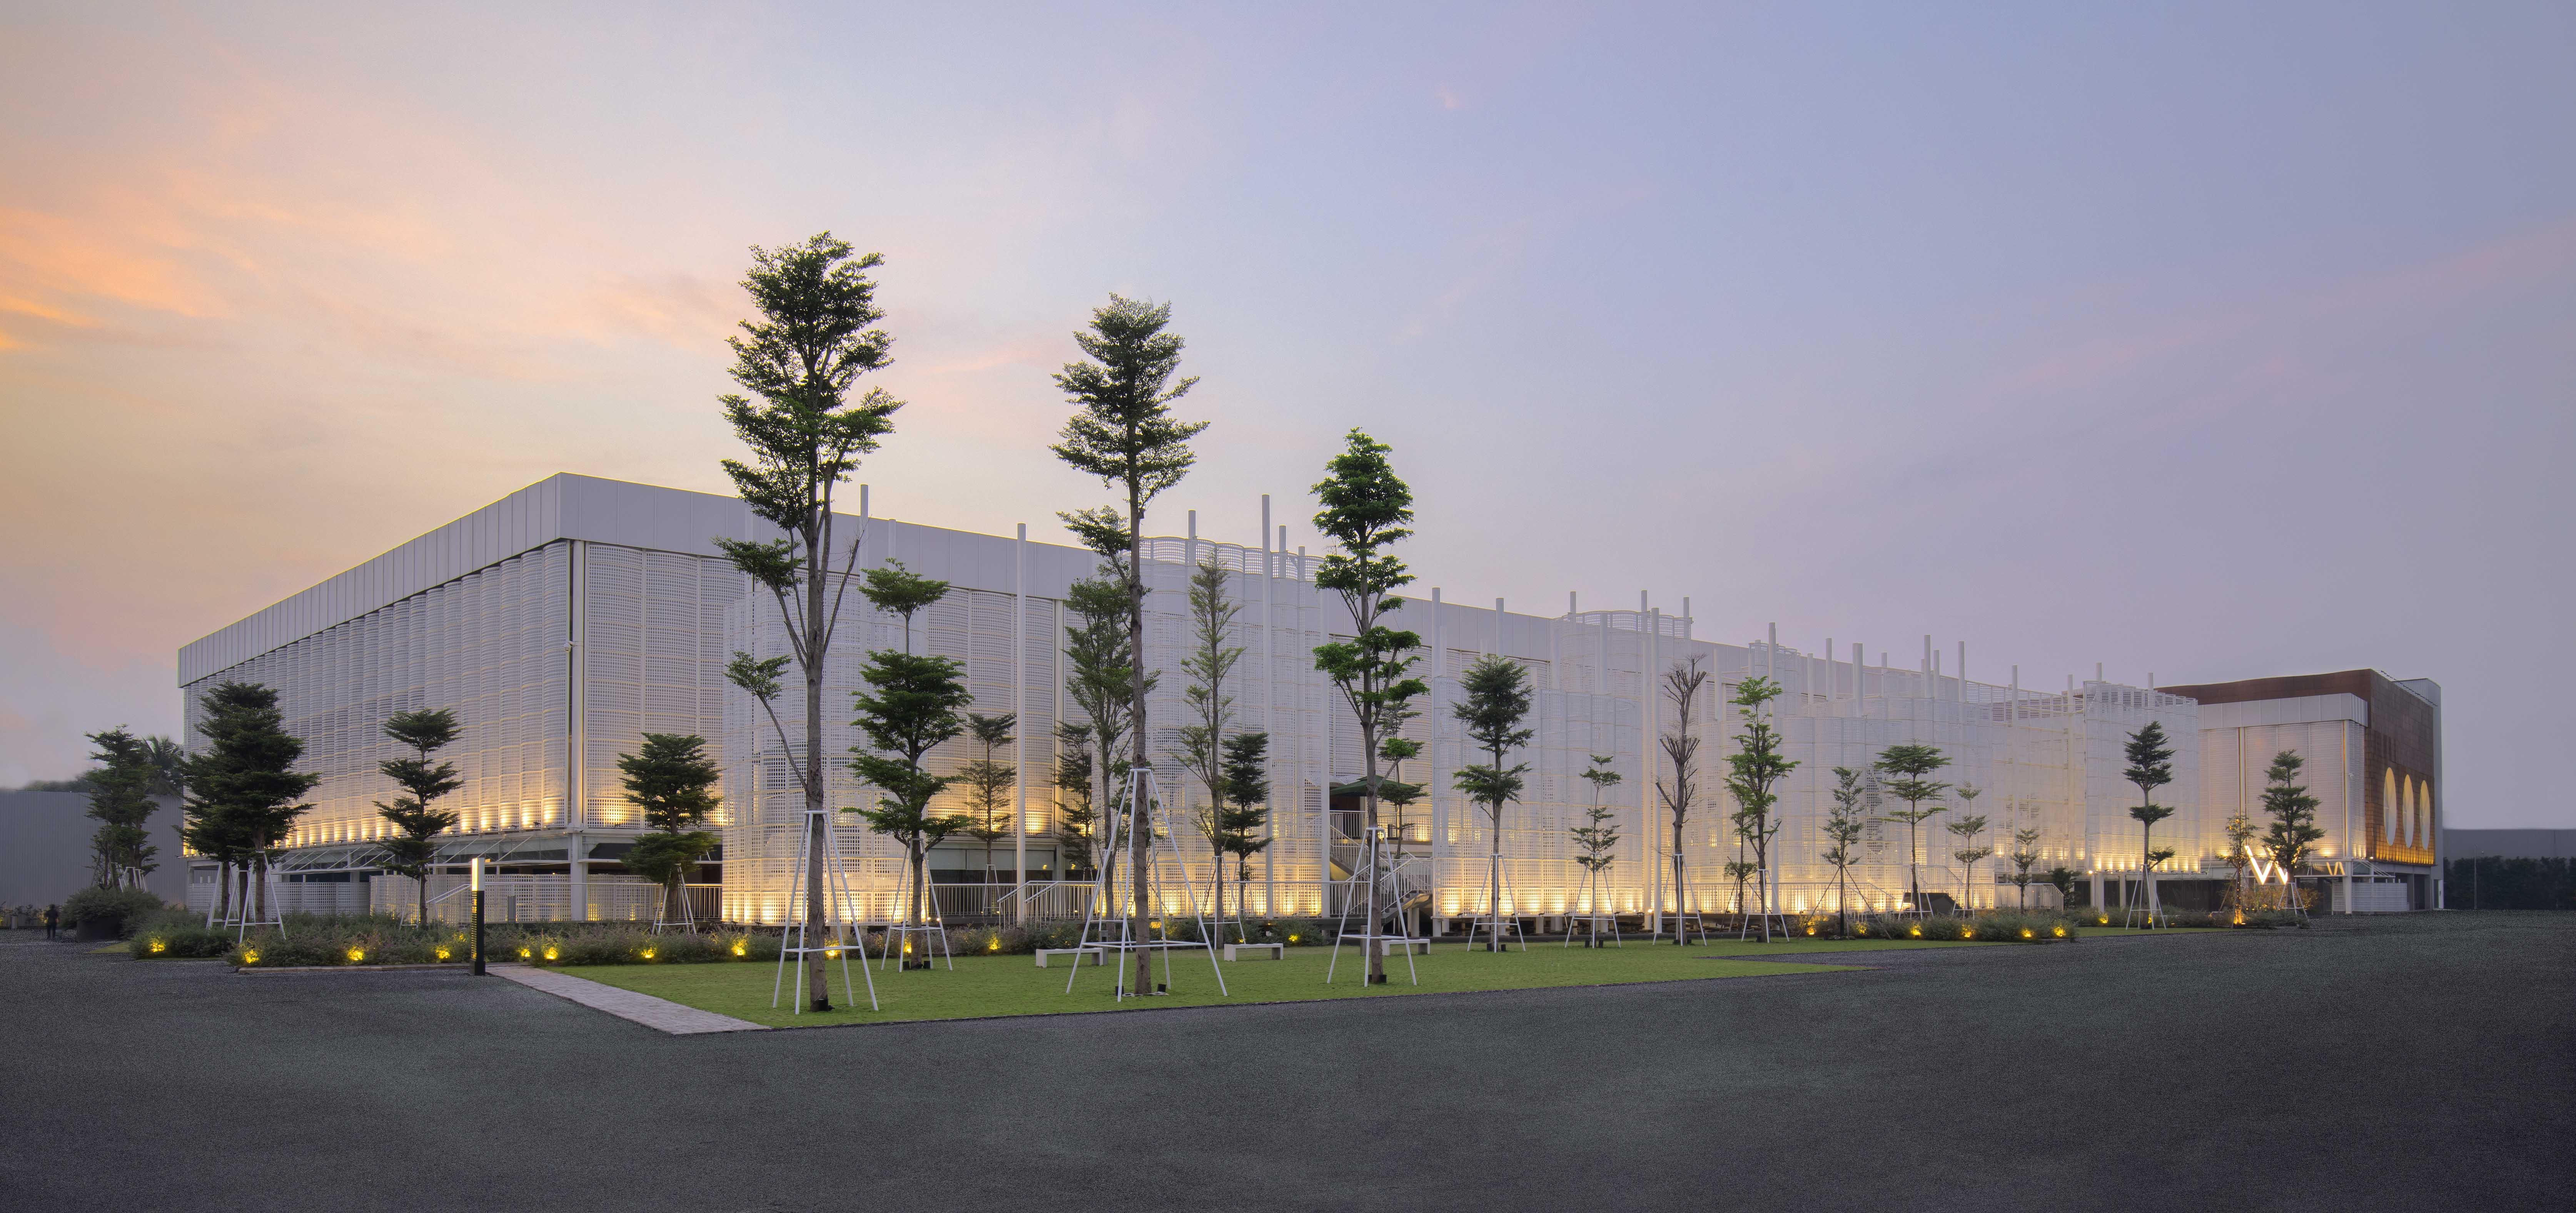 Trung tâm triển lãm White Palace thoáng đãng với diện tích lớn